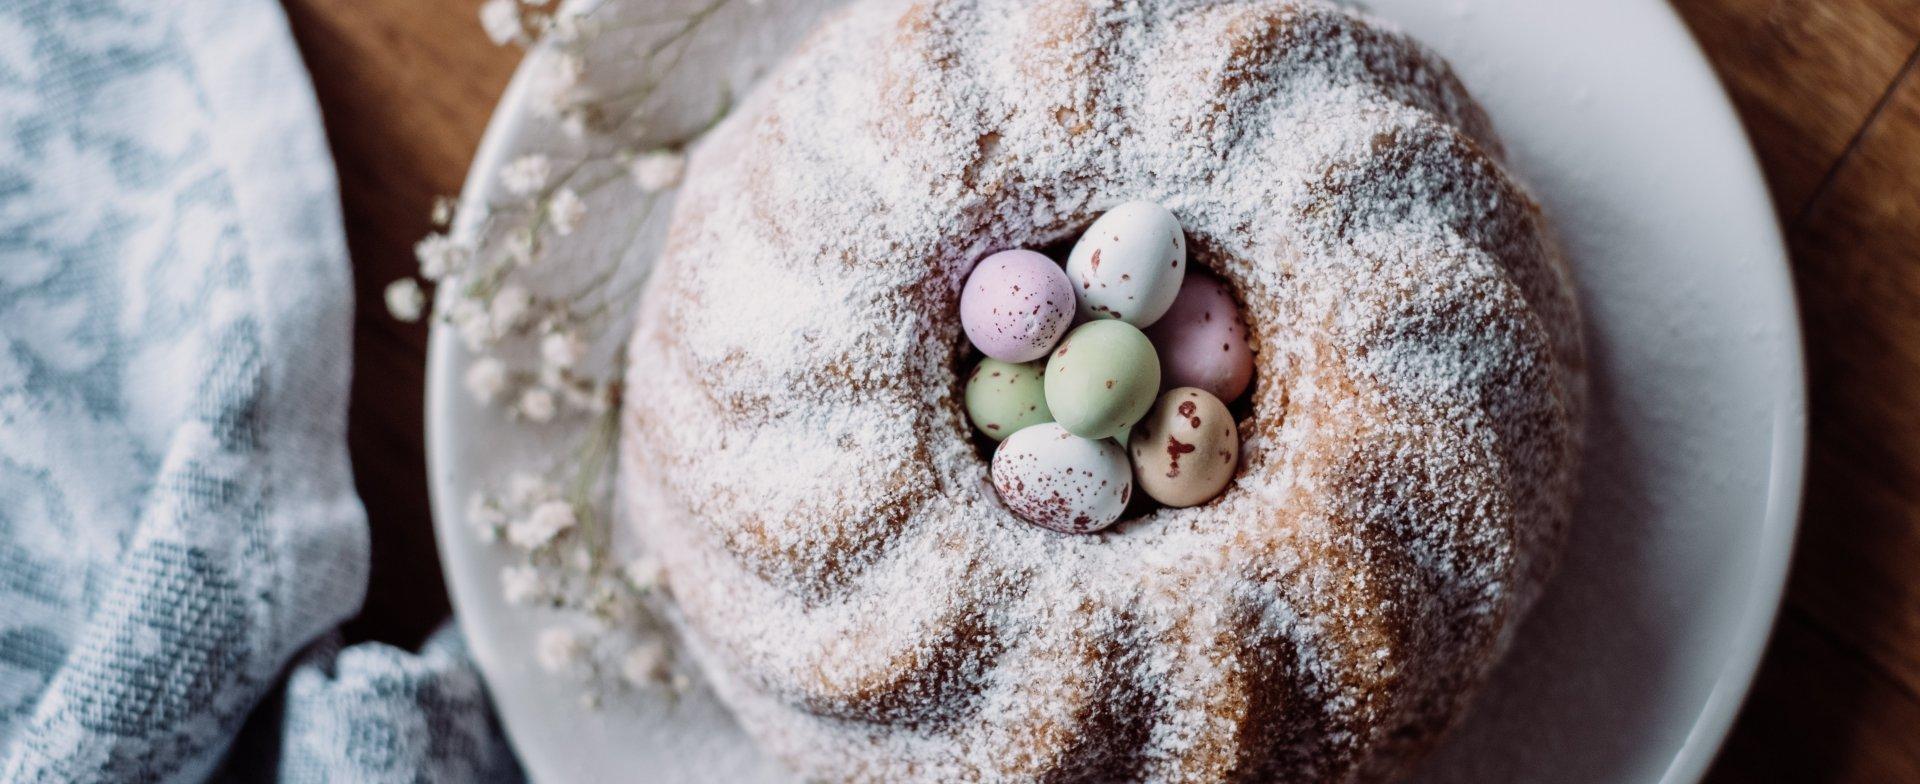 Garmaż Wielkanocny